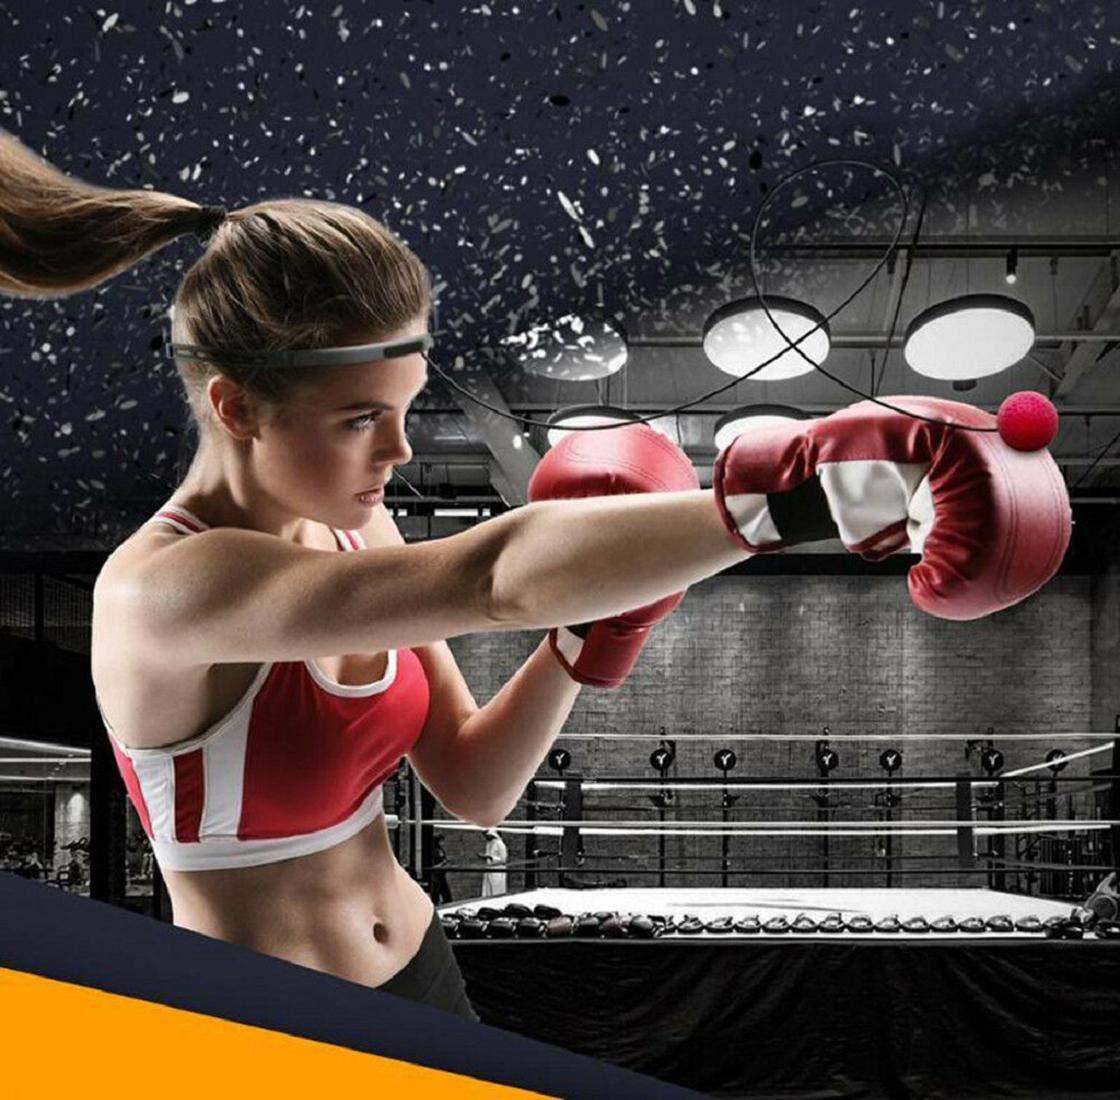 Tragbare Pro Boxing Training Speed Ball Mit Stirnband F/üR Mma Speed Training Erwachsene//Kinder Geschenk Verbessern Schlag Fokus Sport /ÜBung Fitness-Trainer Koojawind Boxing Reflex Ball